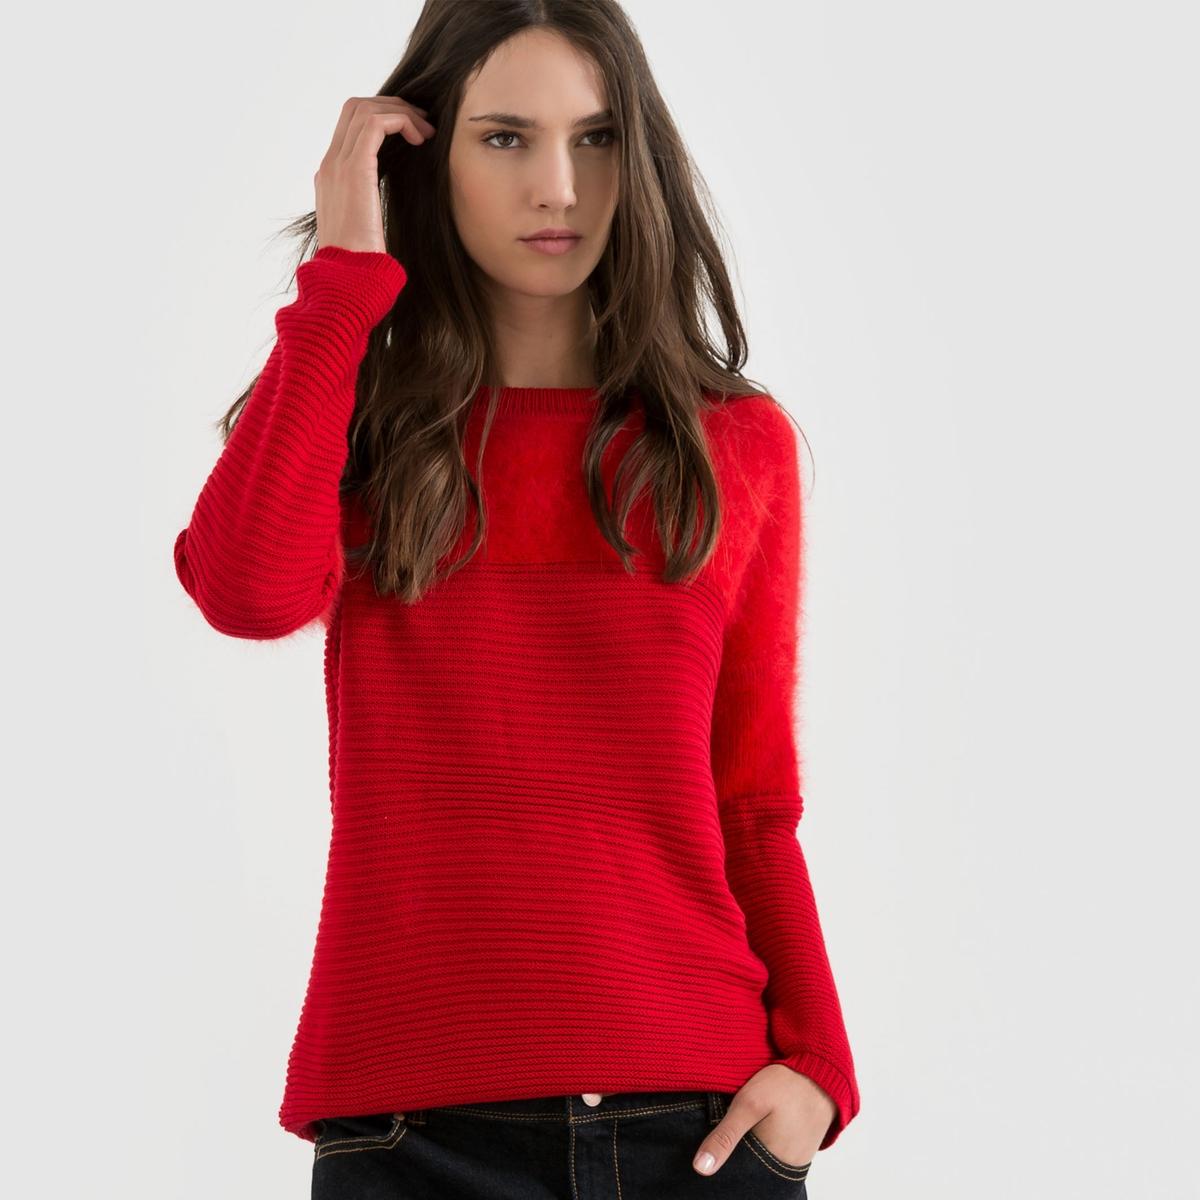 Пуловер с круглым вырезом и пушистым верхомСостав и описание:Материал: 40% полиамида, 30% хлопка, 30% акрила.Марка: MOLLY BRACKEN. Уход:- Стирать при 30°C с вещами схожих цветов.   - Стирать и гладить с изнанки.<br><br>Цвет: красный<br>Размер: единый размер